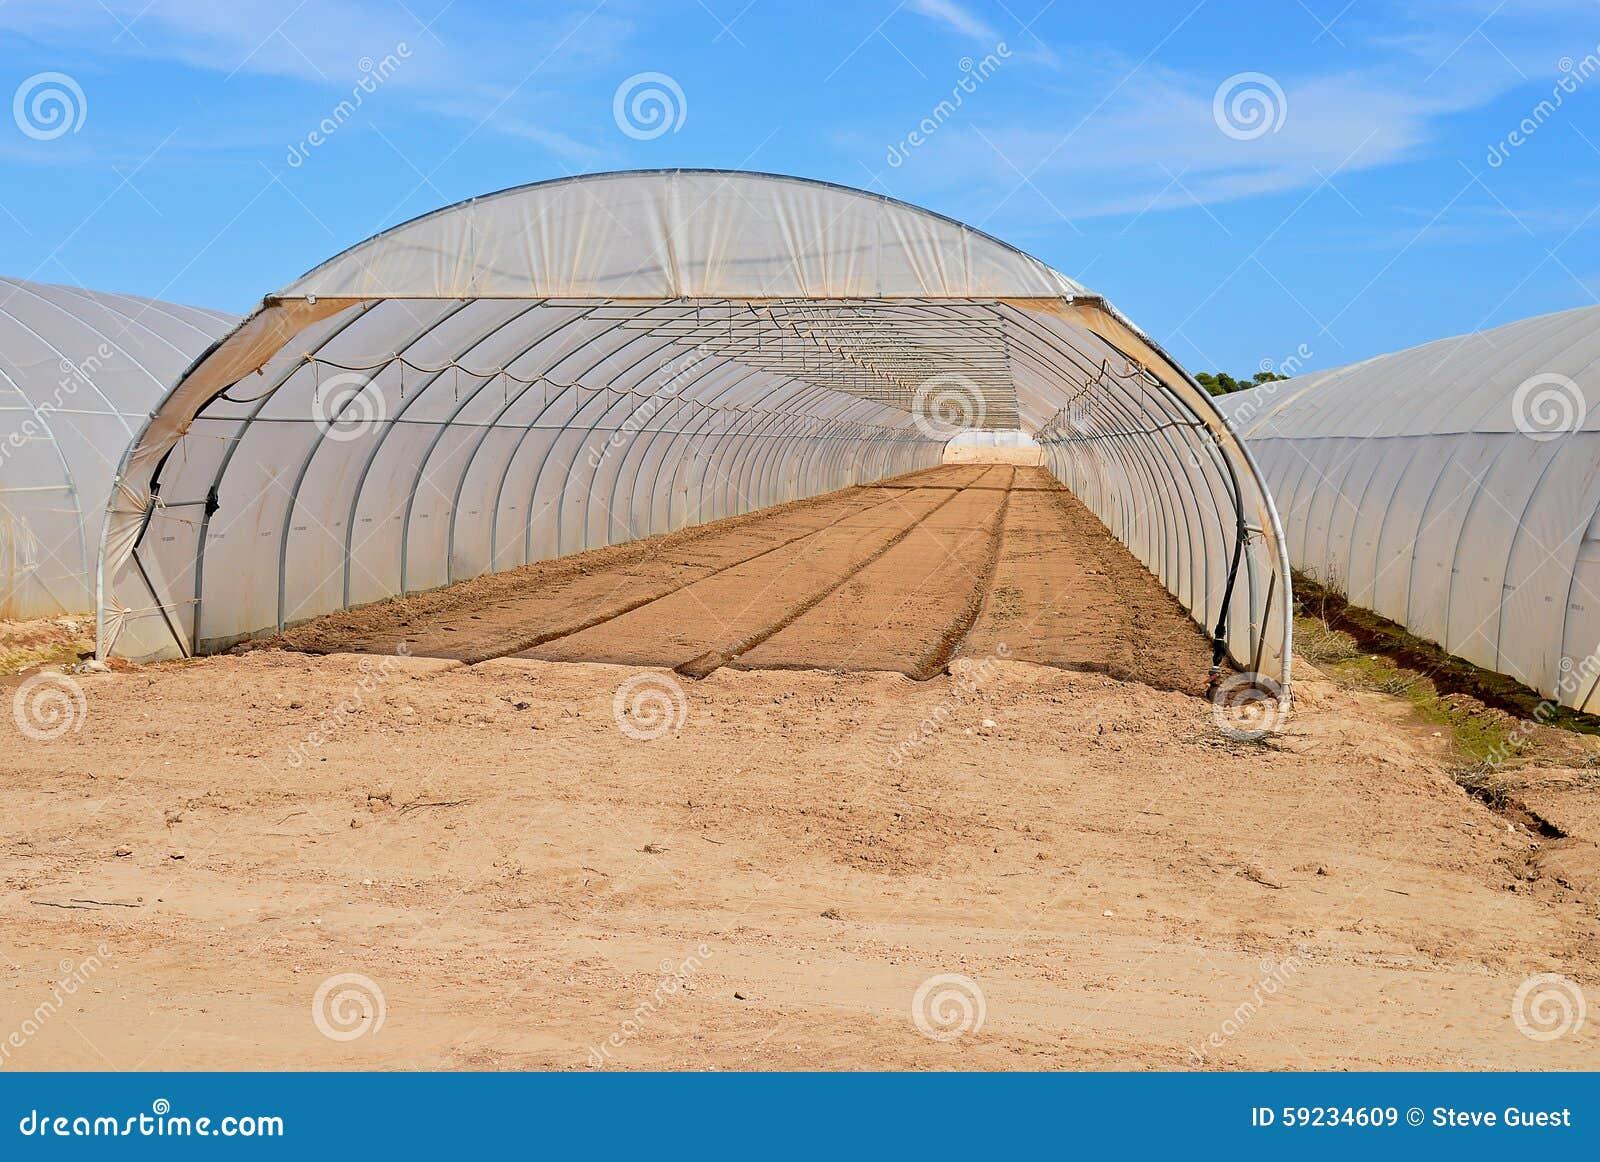 Download Un Invernadero Del Polietileno Imagen de archivo - Imagen de descubierto, fila: 59234609